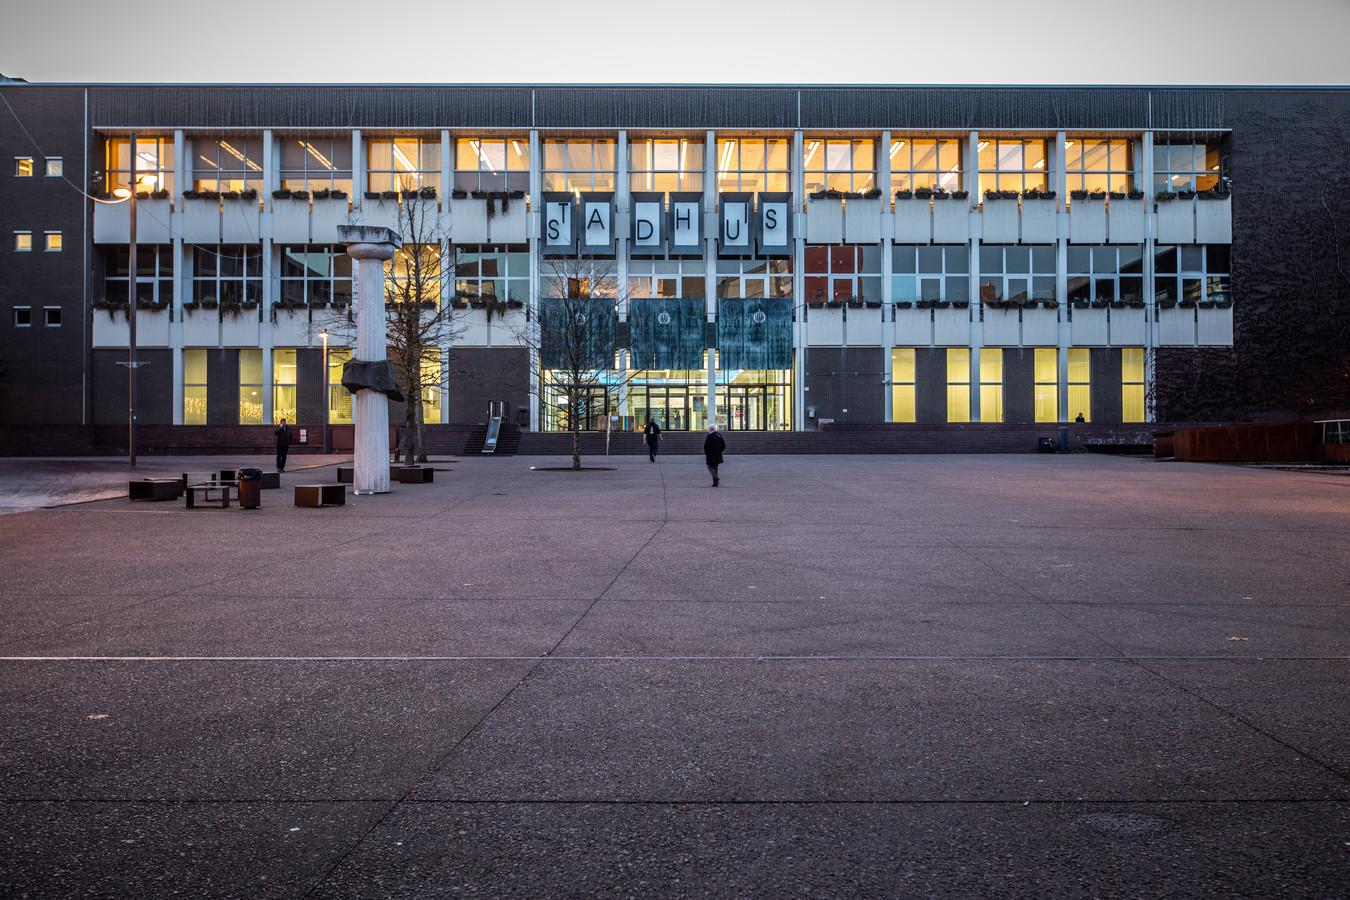 Ook het stadhuis, waarbij de muziekschool zich aan de andere kant bevindt, is een van de opties.